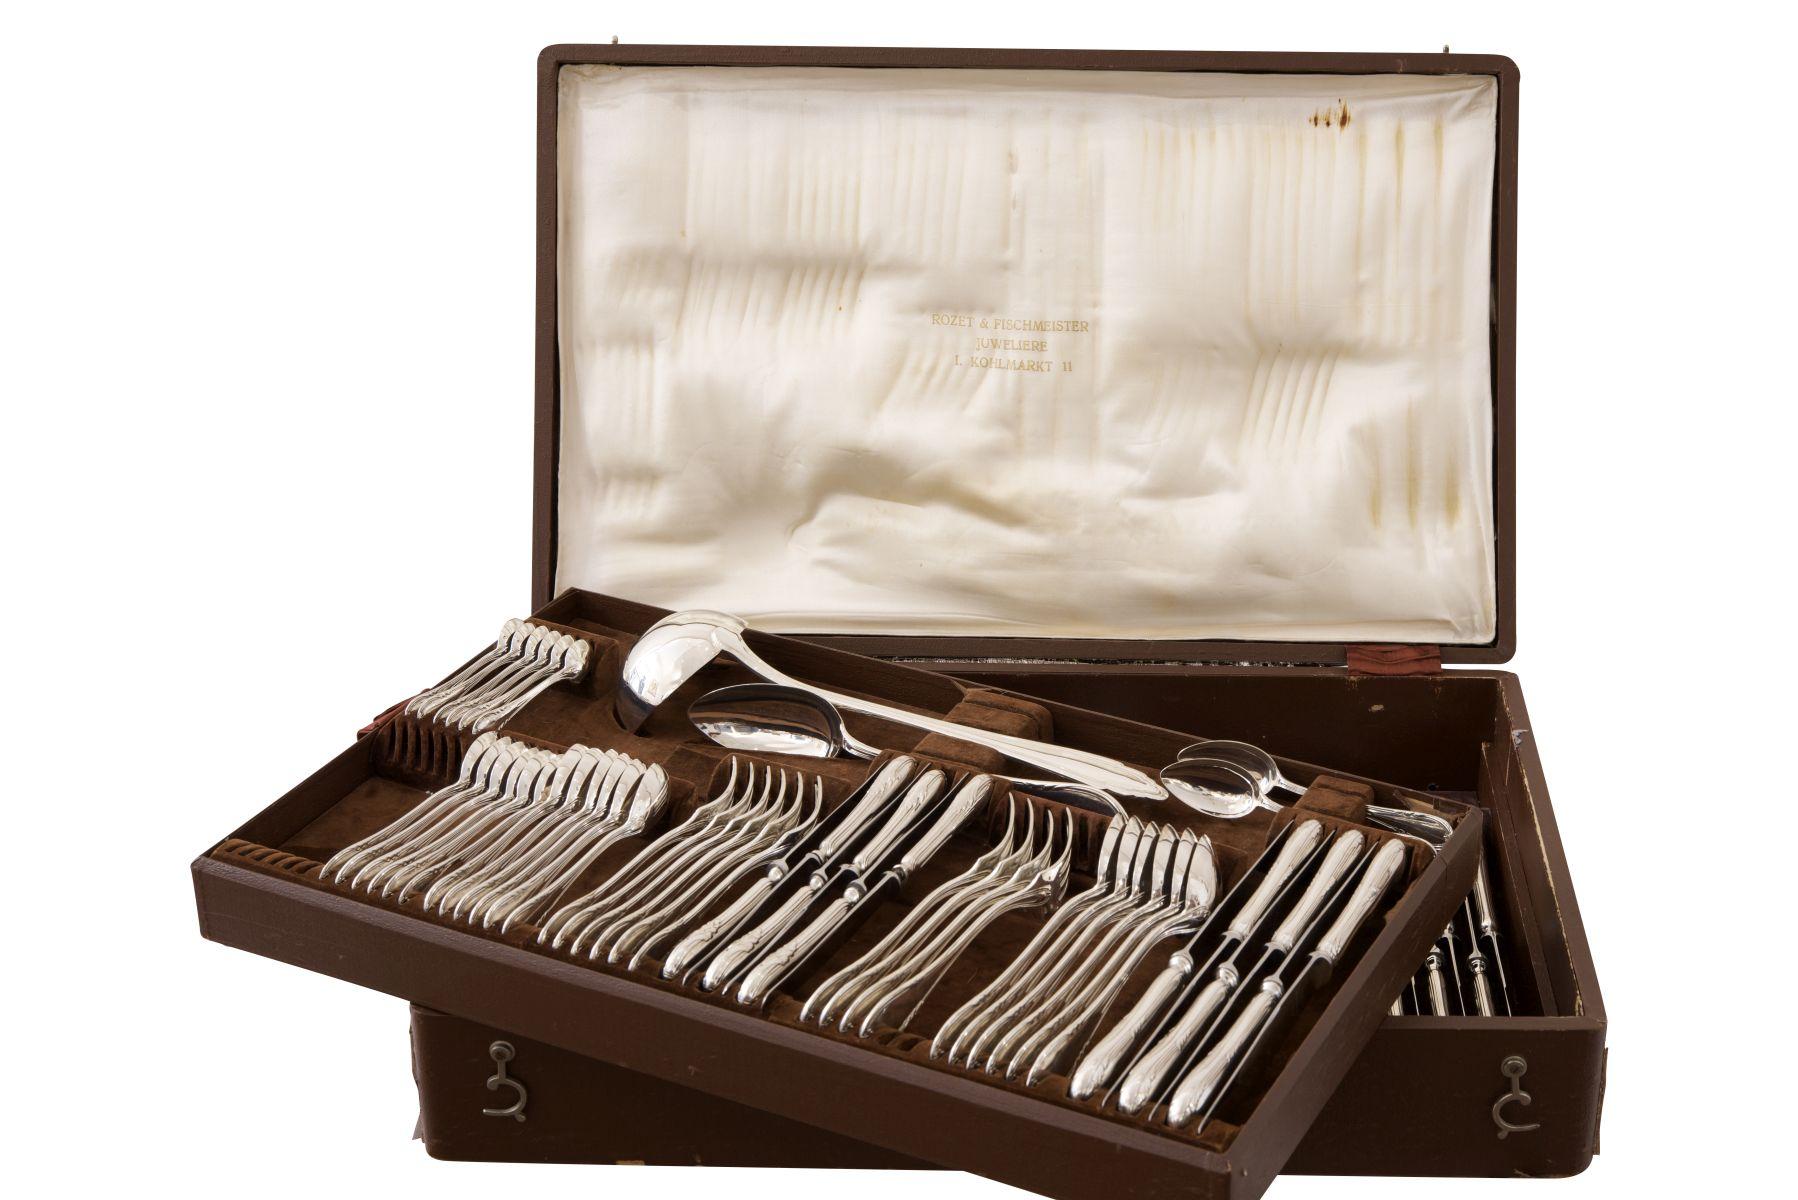 #67 Cutlery silver | Besteck im Kasten Silber 800/fein Image